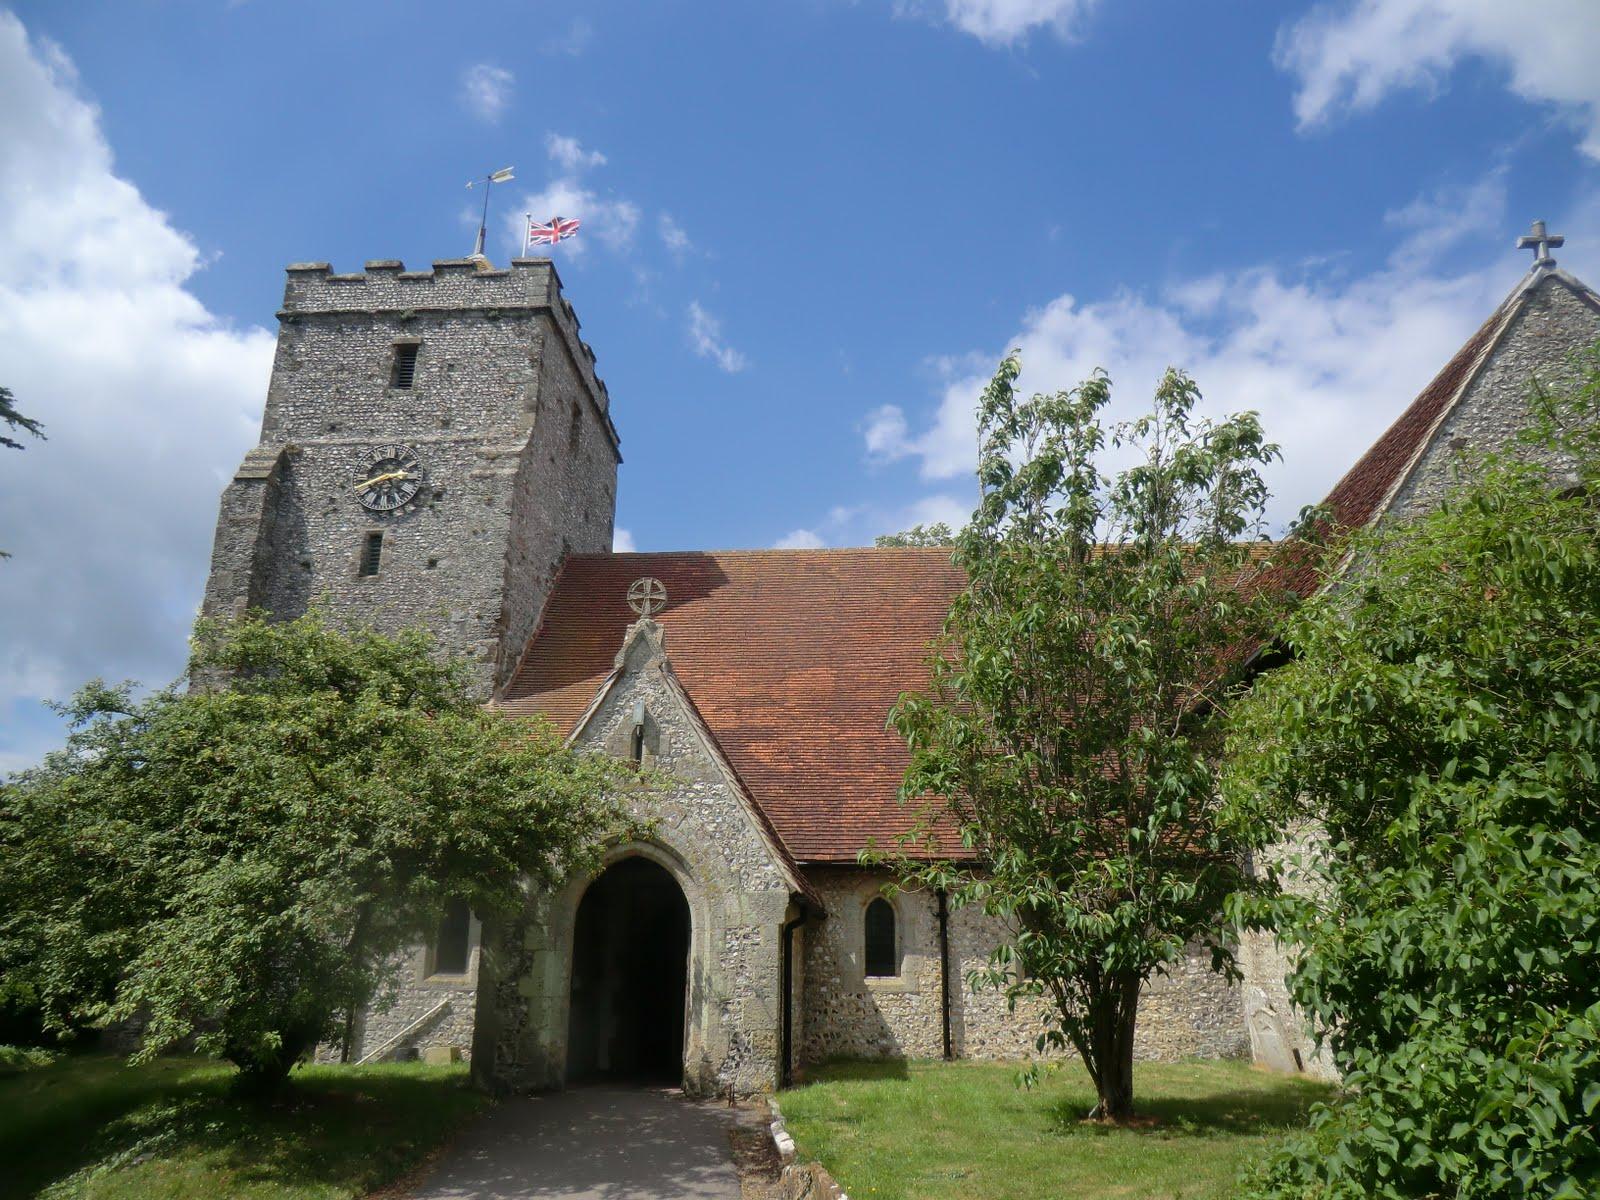 CIMG8850 St Mary the Virgin church, Burpham